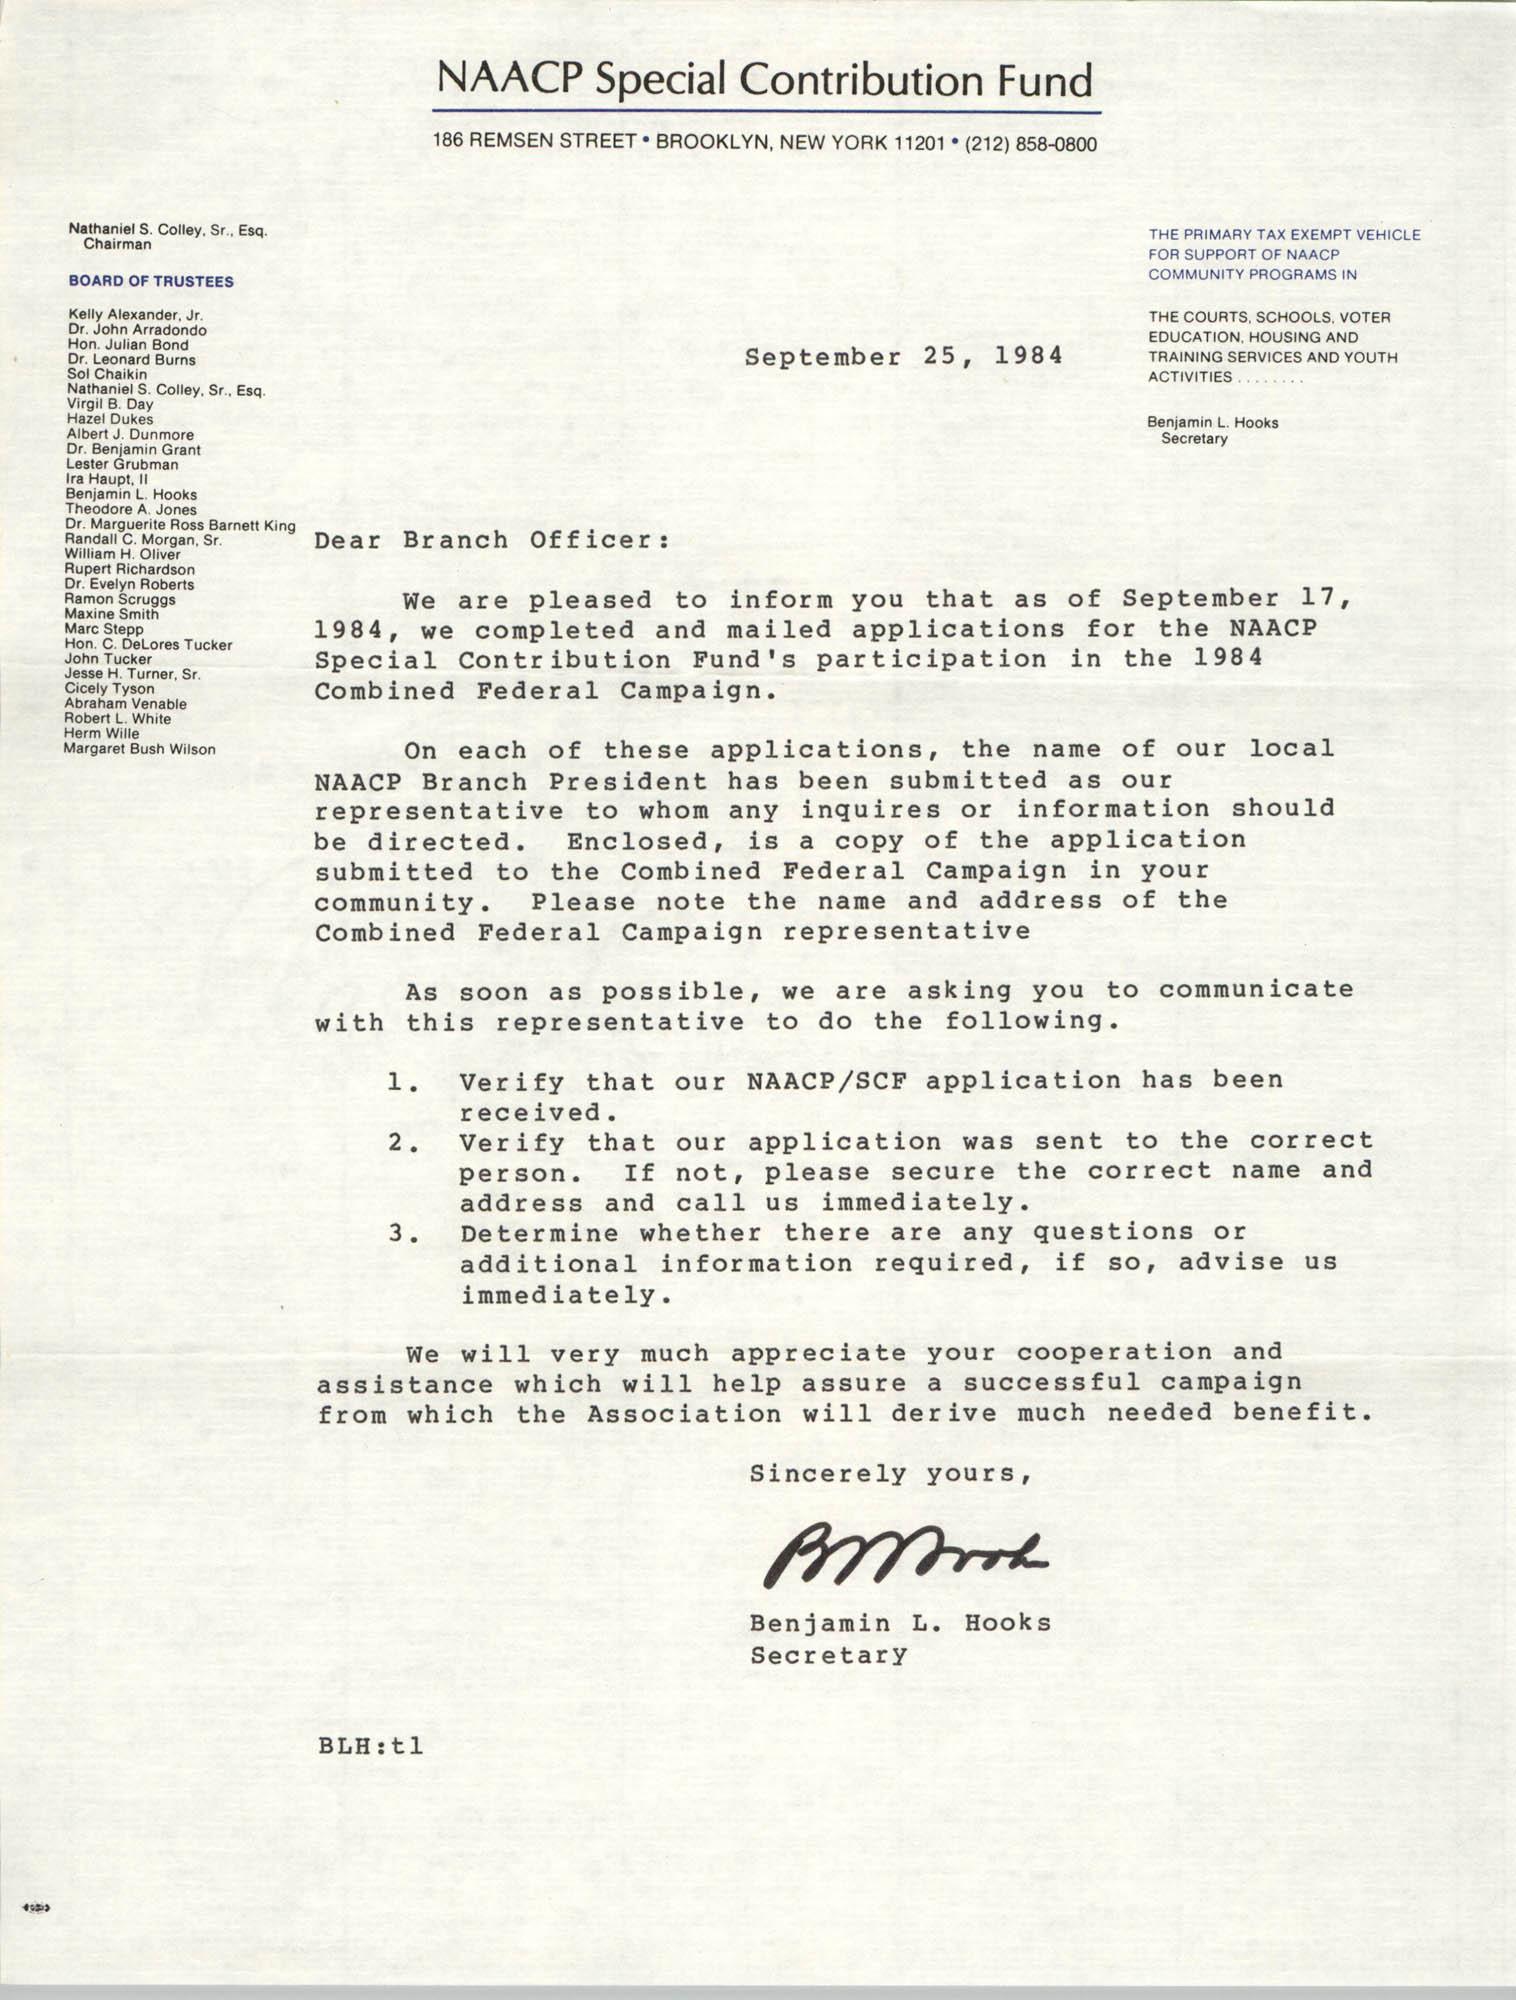 NAACP Special Contribution Fund Memorandum, September 25, 1984